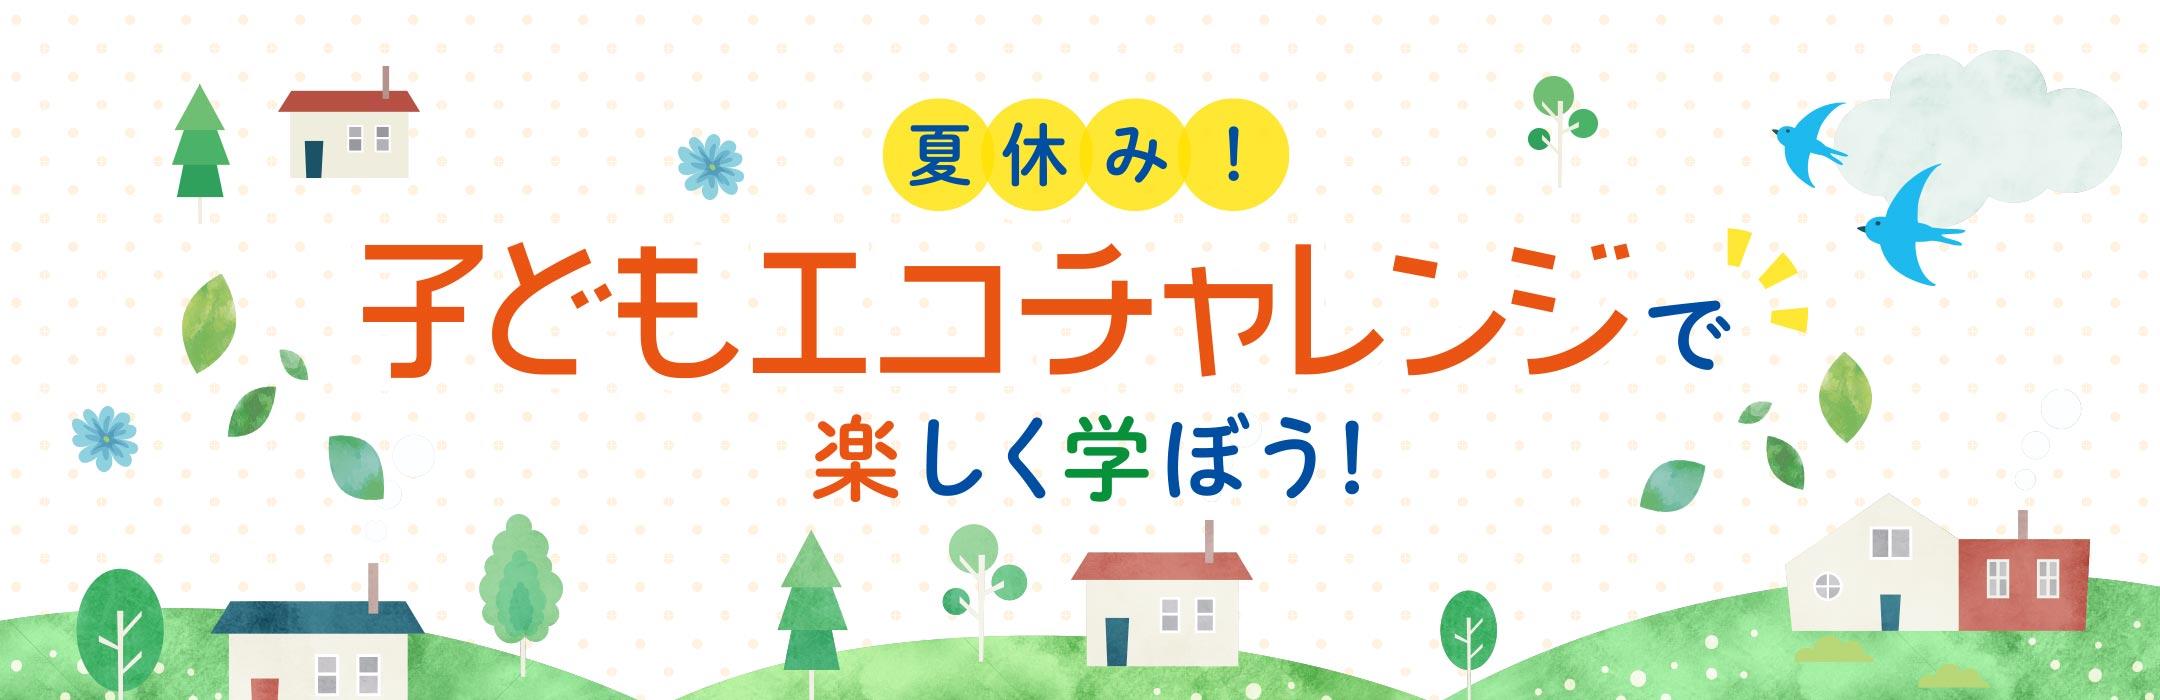 夏休み!子どもエコチャレンジで楽しく学ぼう!